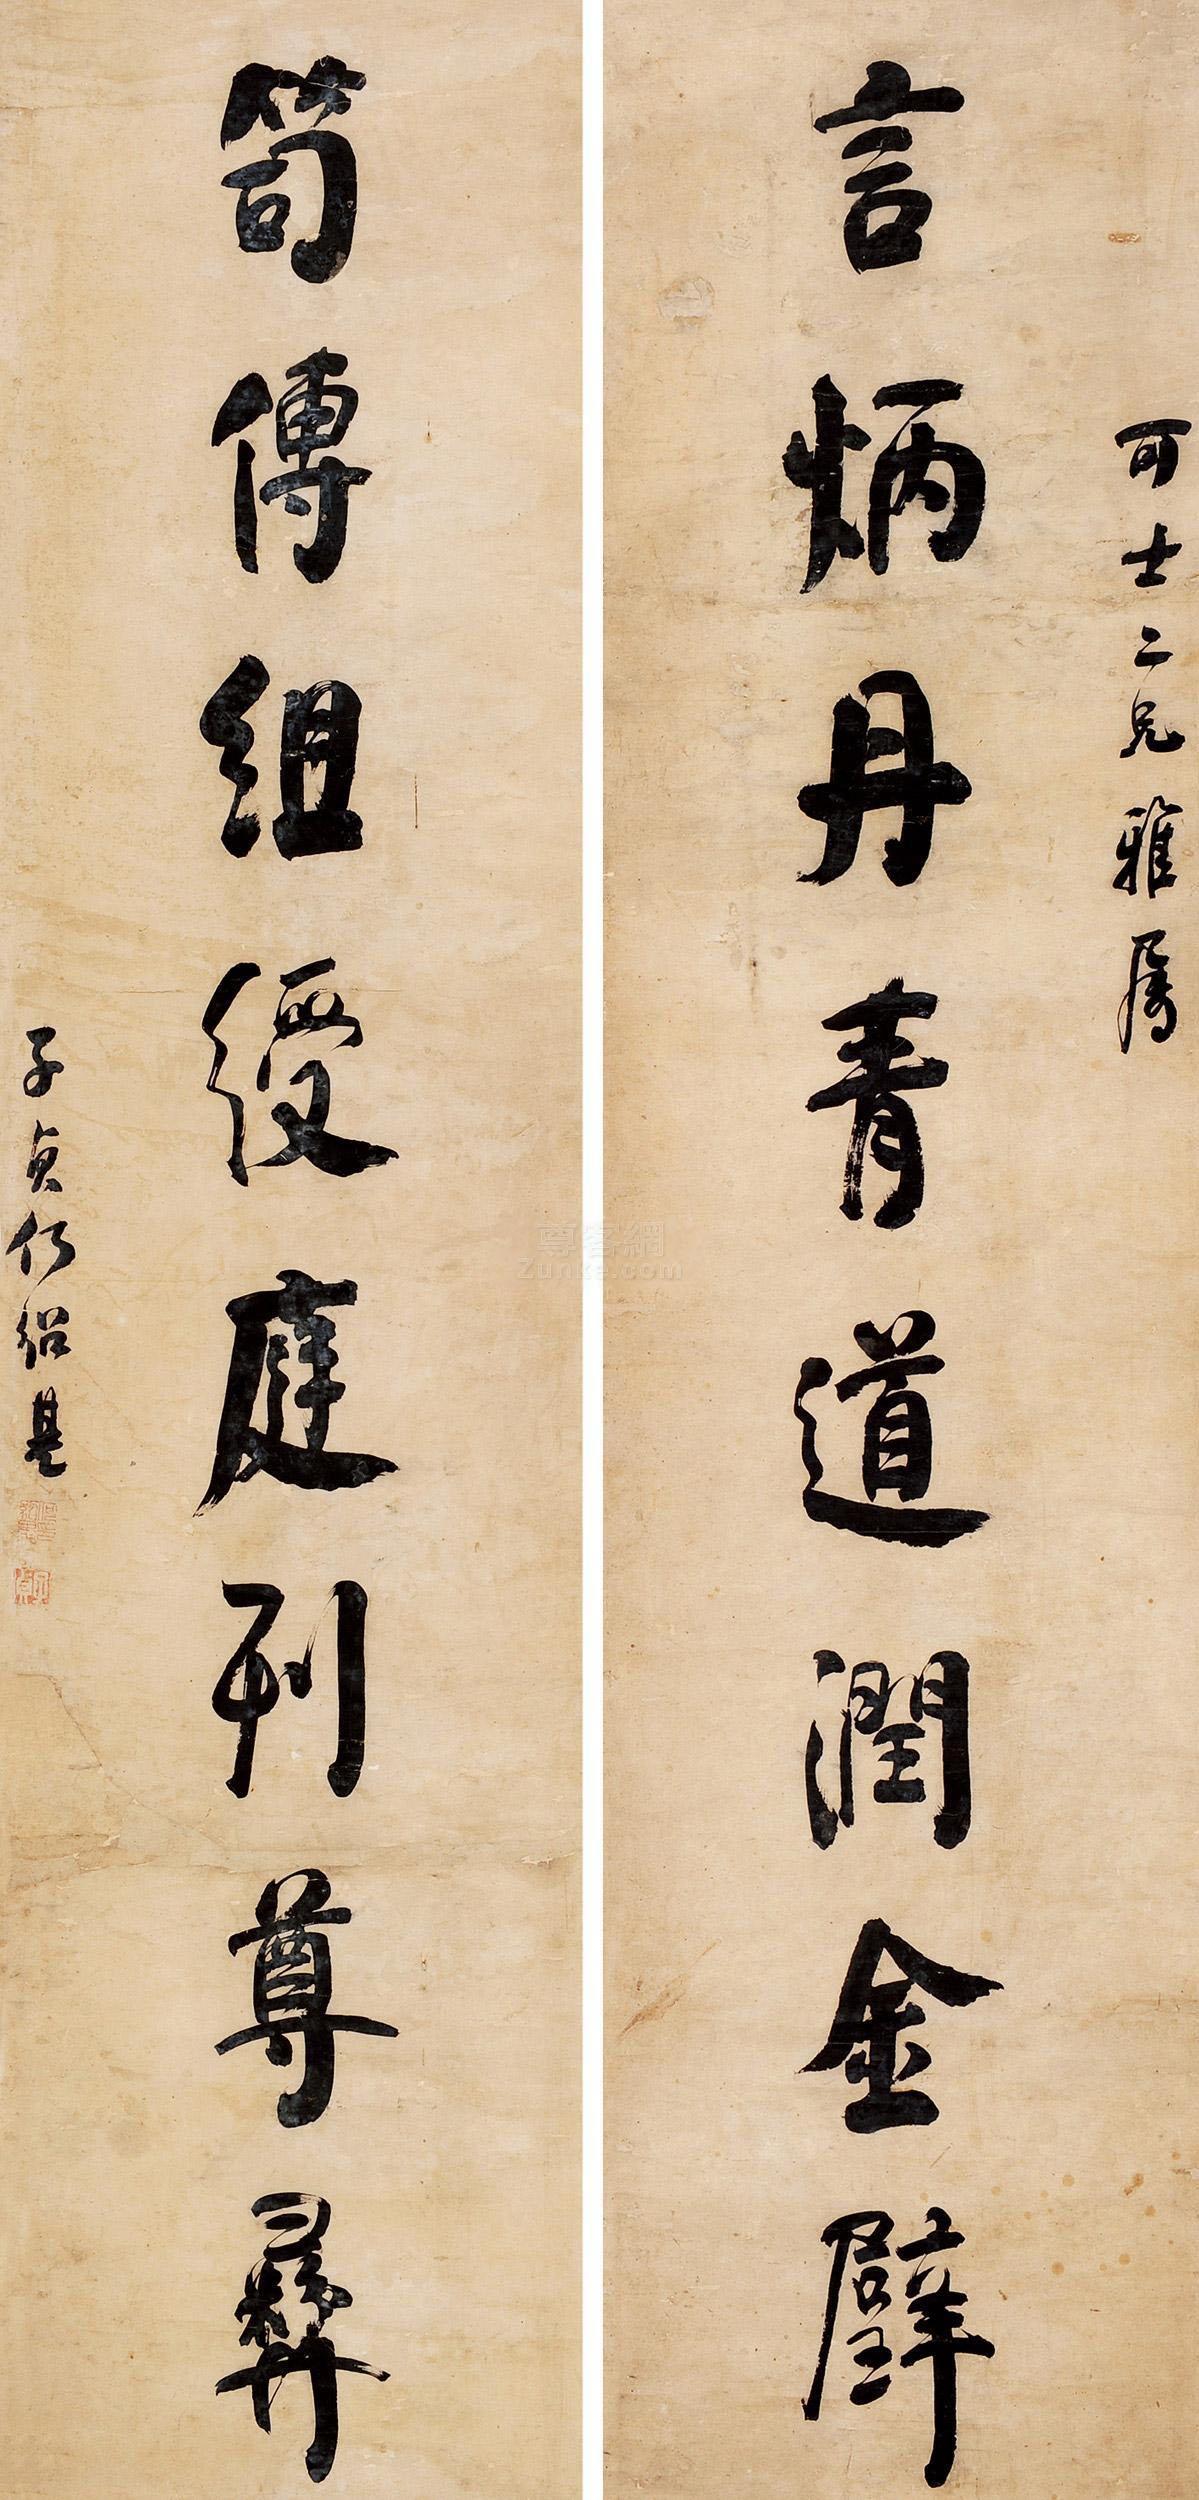 何绍基 行书八言对联 立轴 水墨纸本作品欣赏